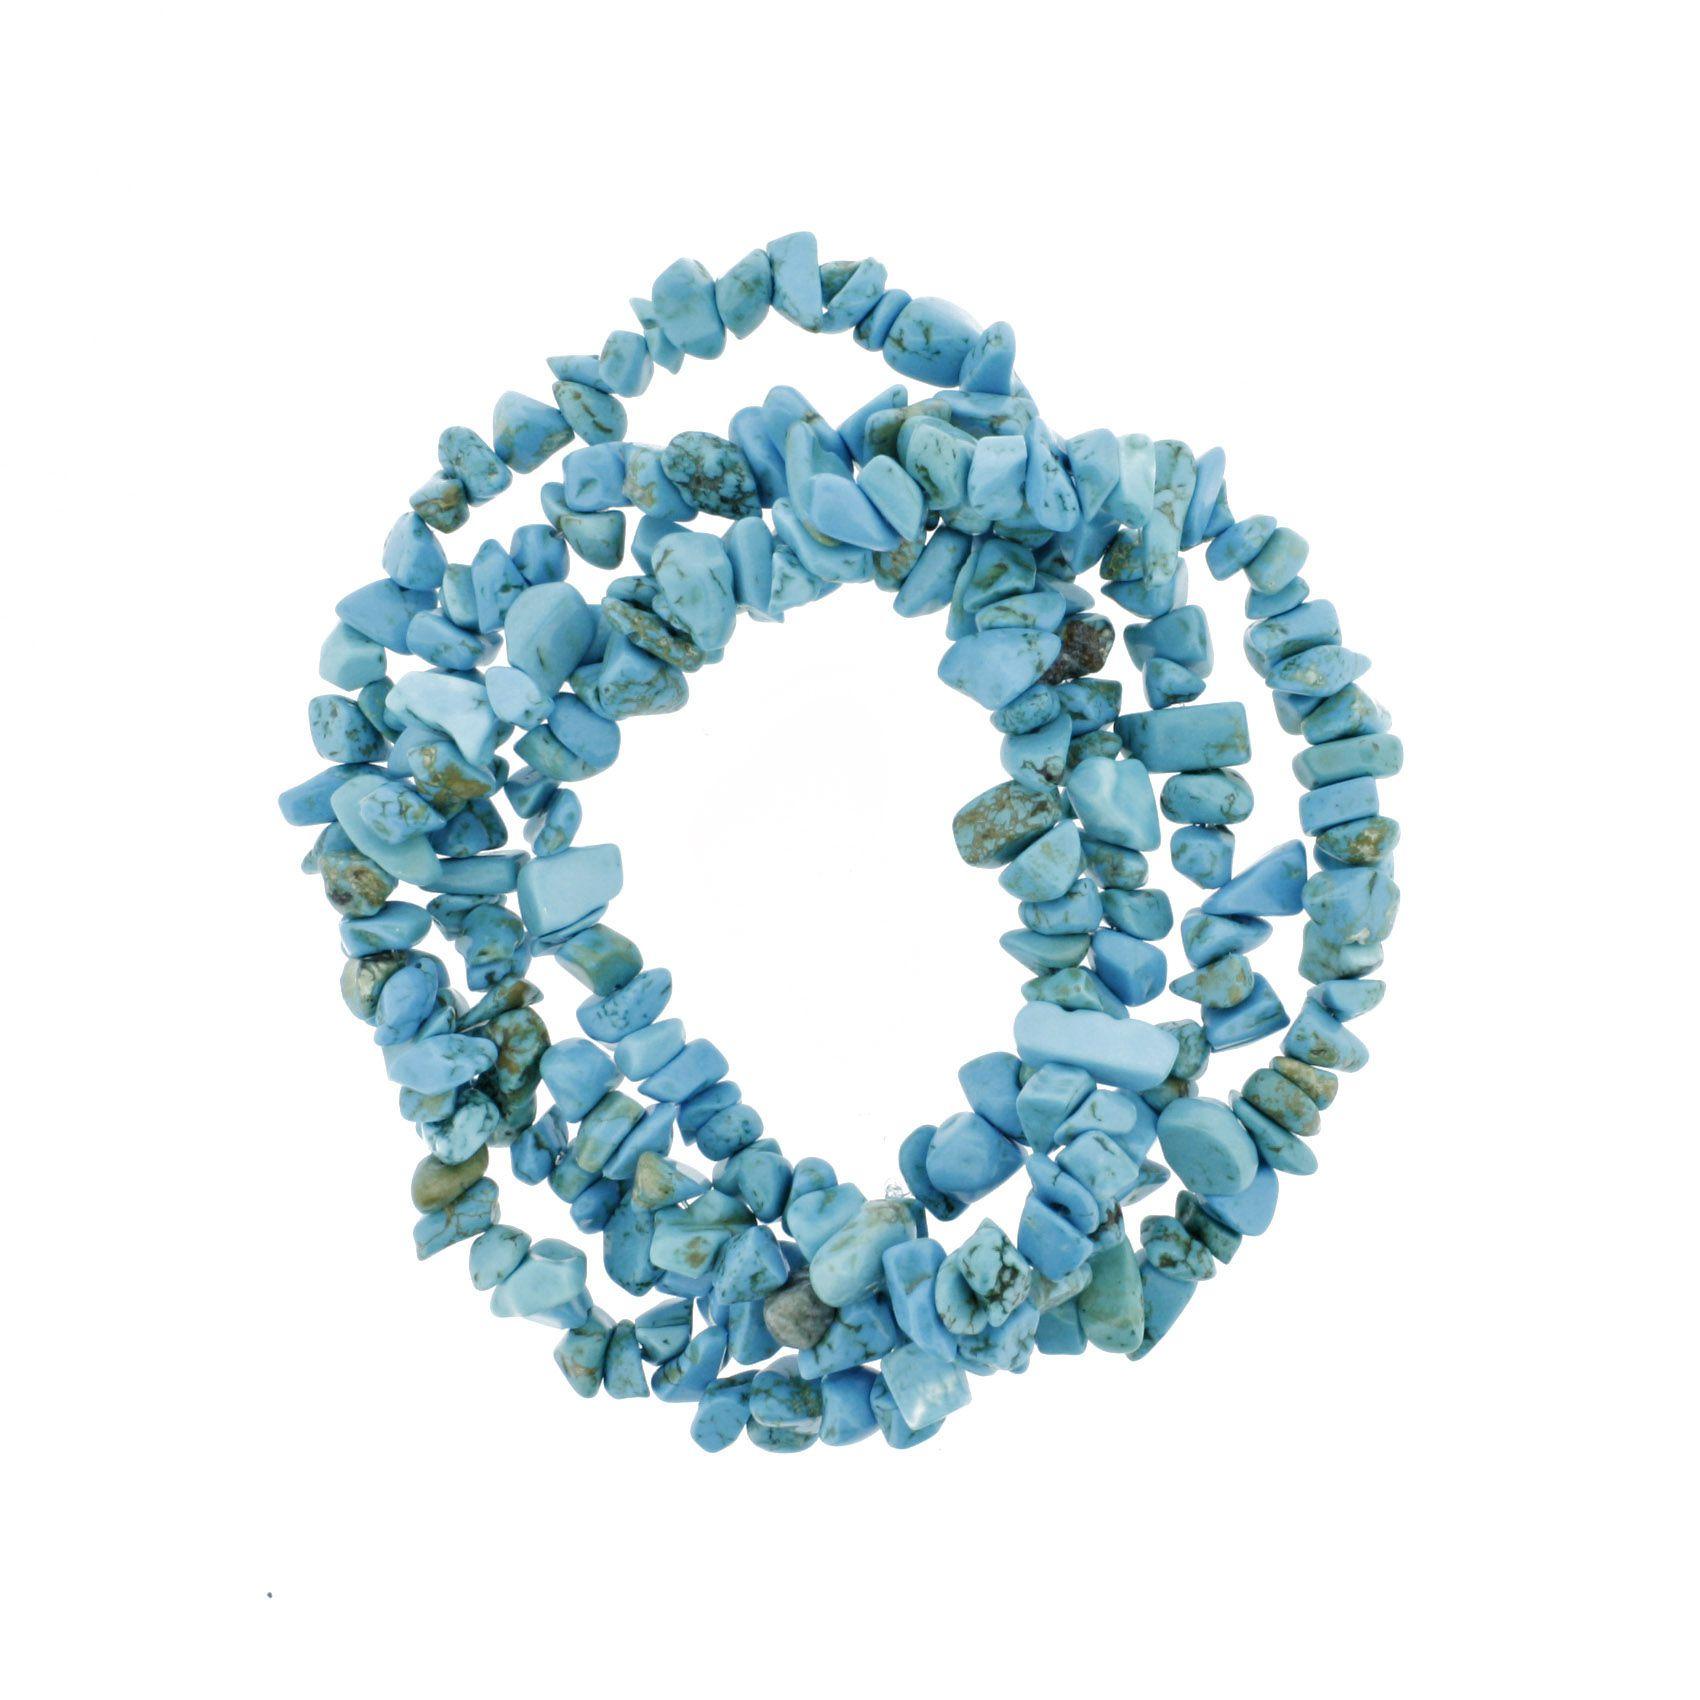 Fio de Cascalho - Stone® - Howlita Turquesa  - Stéphanie Bijoux® - Peças para Bijuterias e Artesanato